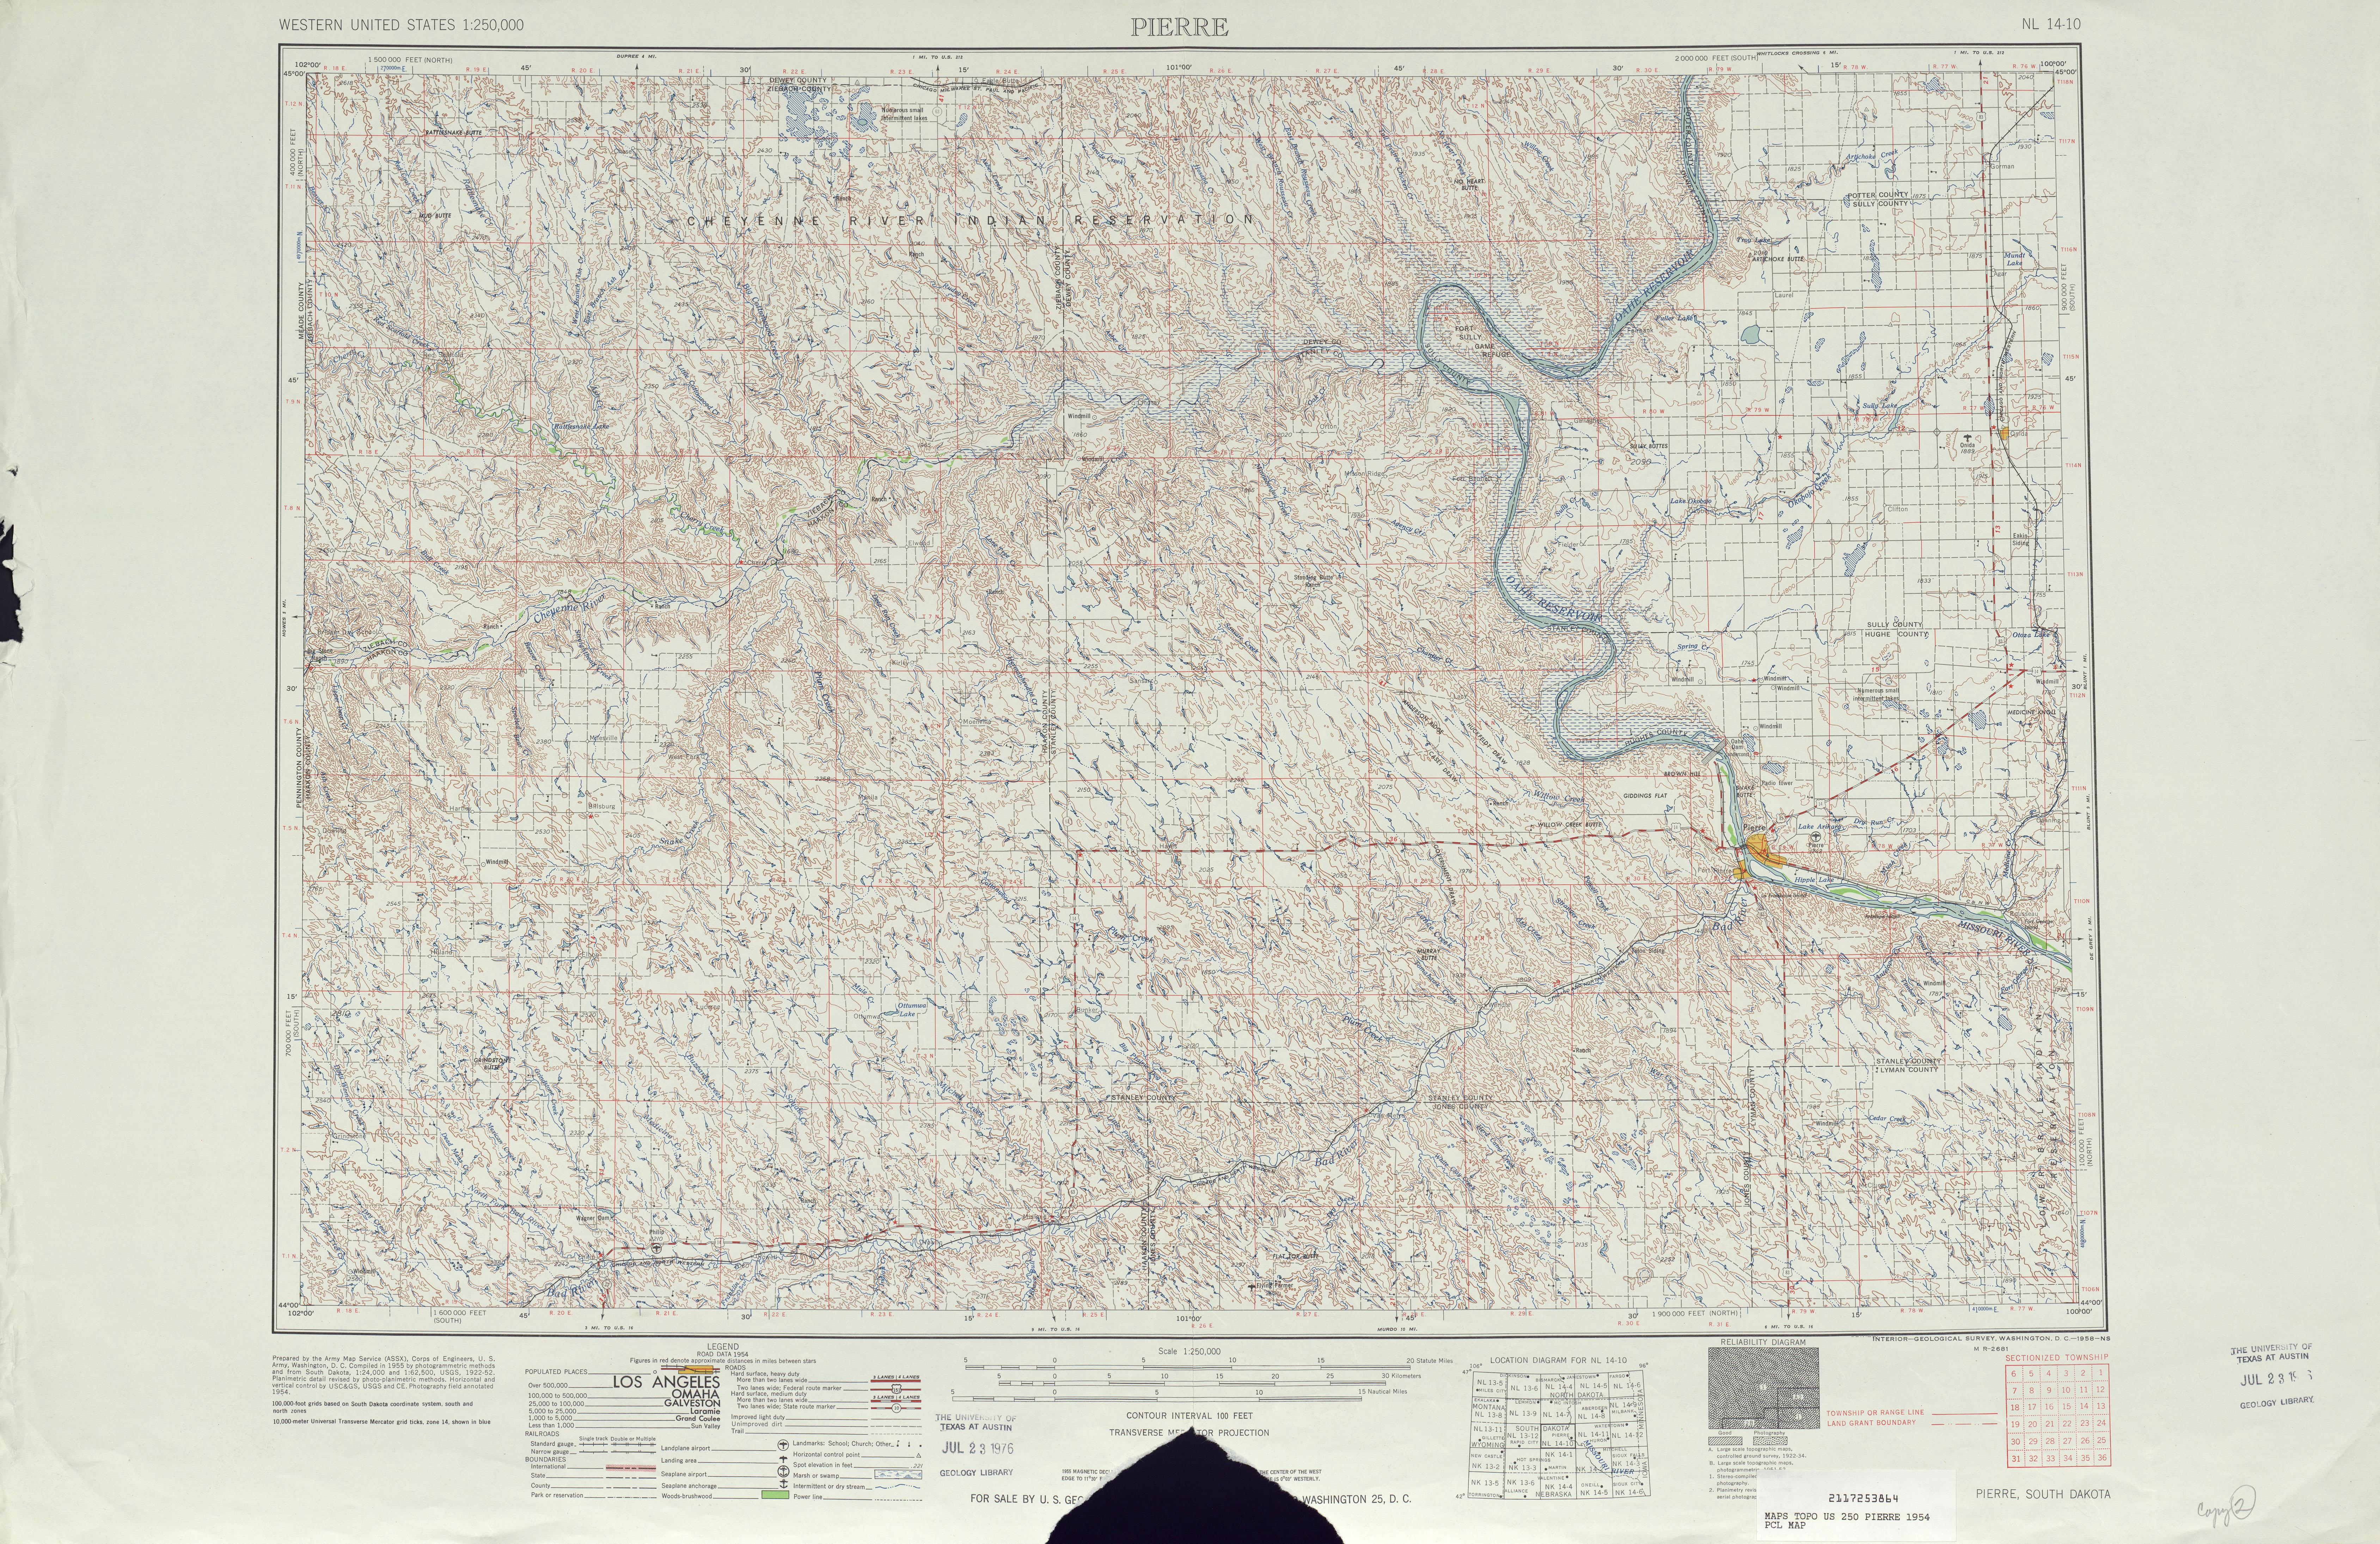 Hoja Pierre del Mapa Topográfico de los Estados Unidos 1954